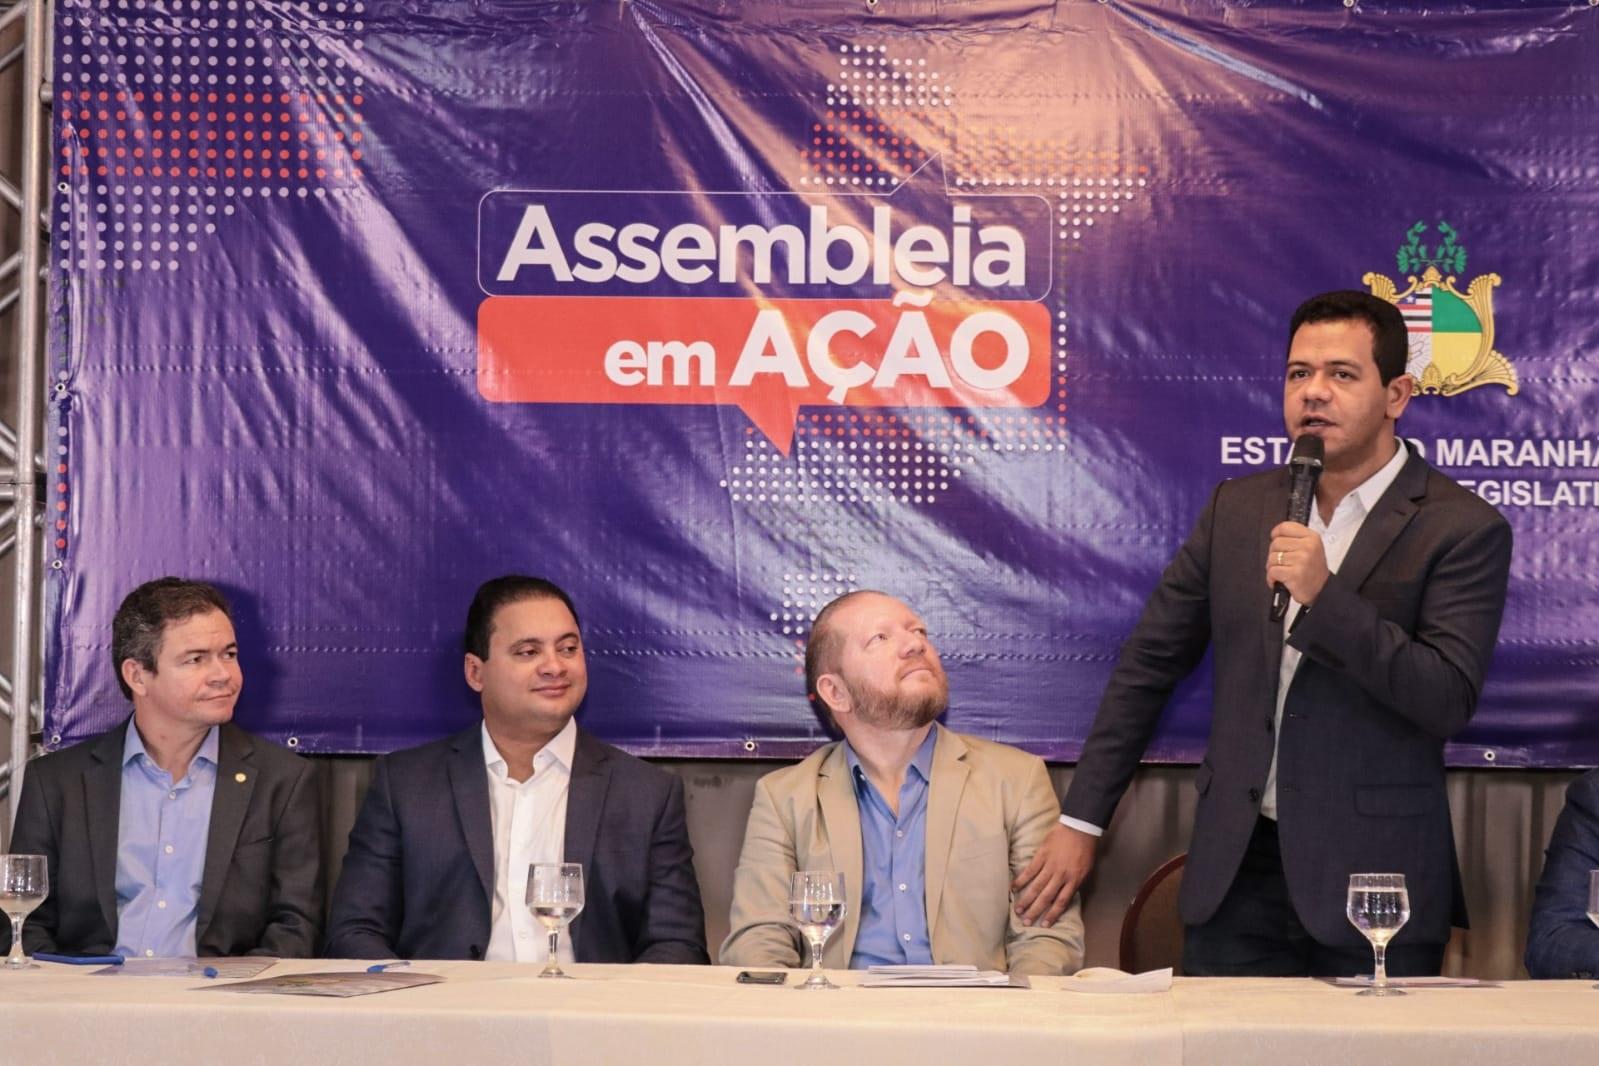 Prefeito de Timon, Luciano Leitoa, elogiou a realização do evento e destacou a importância do diálogo com as comunidades